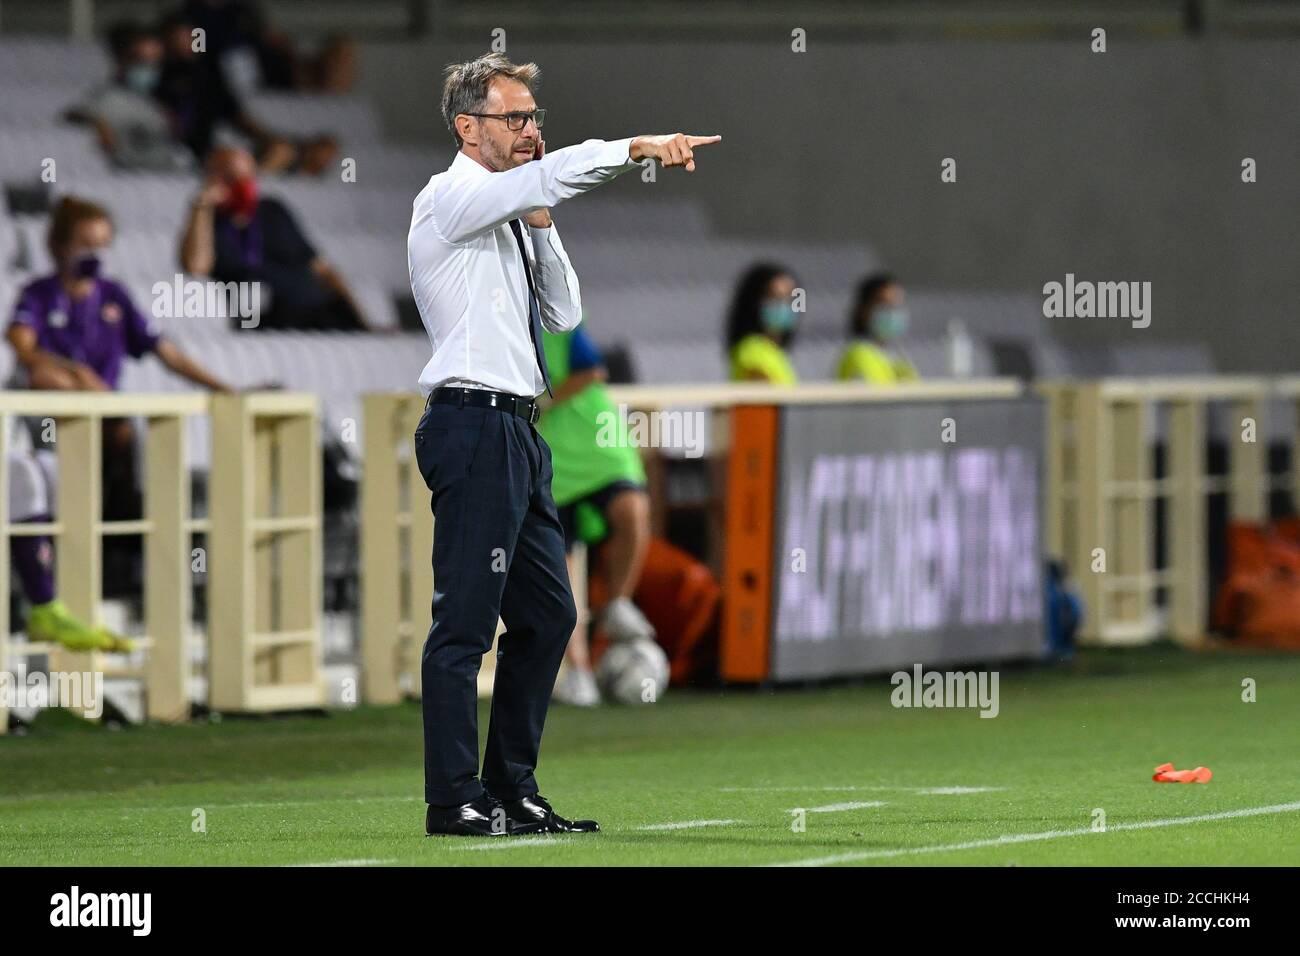 Florence Italy 22nd Aug 2020 Antonio Cincotta Head Coach Fiorentina Femminile During Acf Fiorentina Femminile Vs